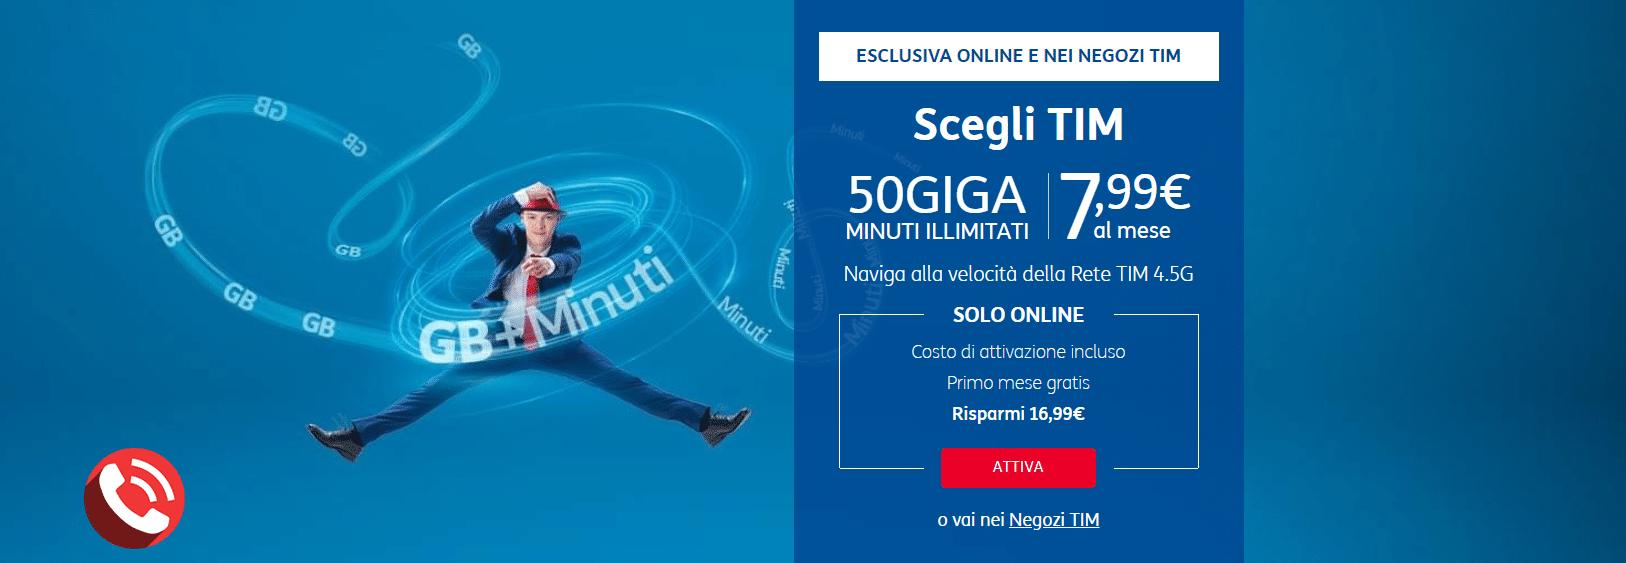 Passa a TIM STEEL con minuti illimitati e 50 giga a 7,99 € mese da WIND